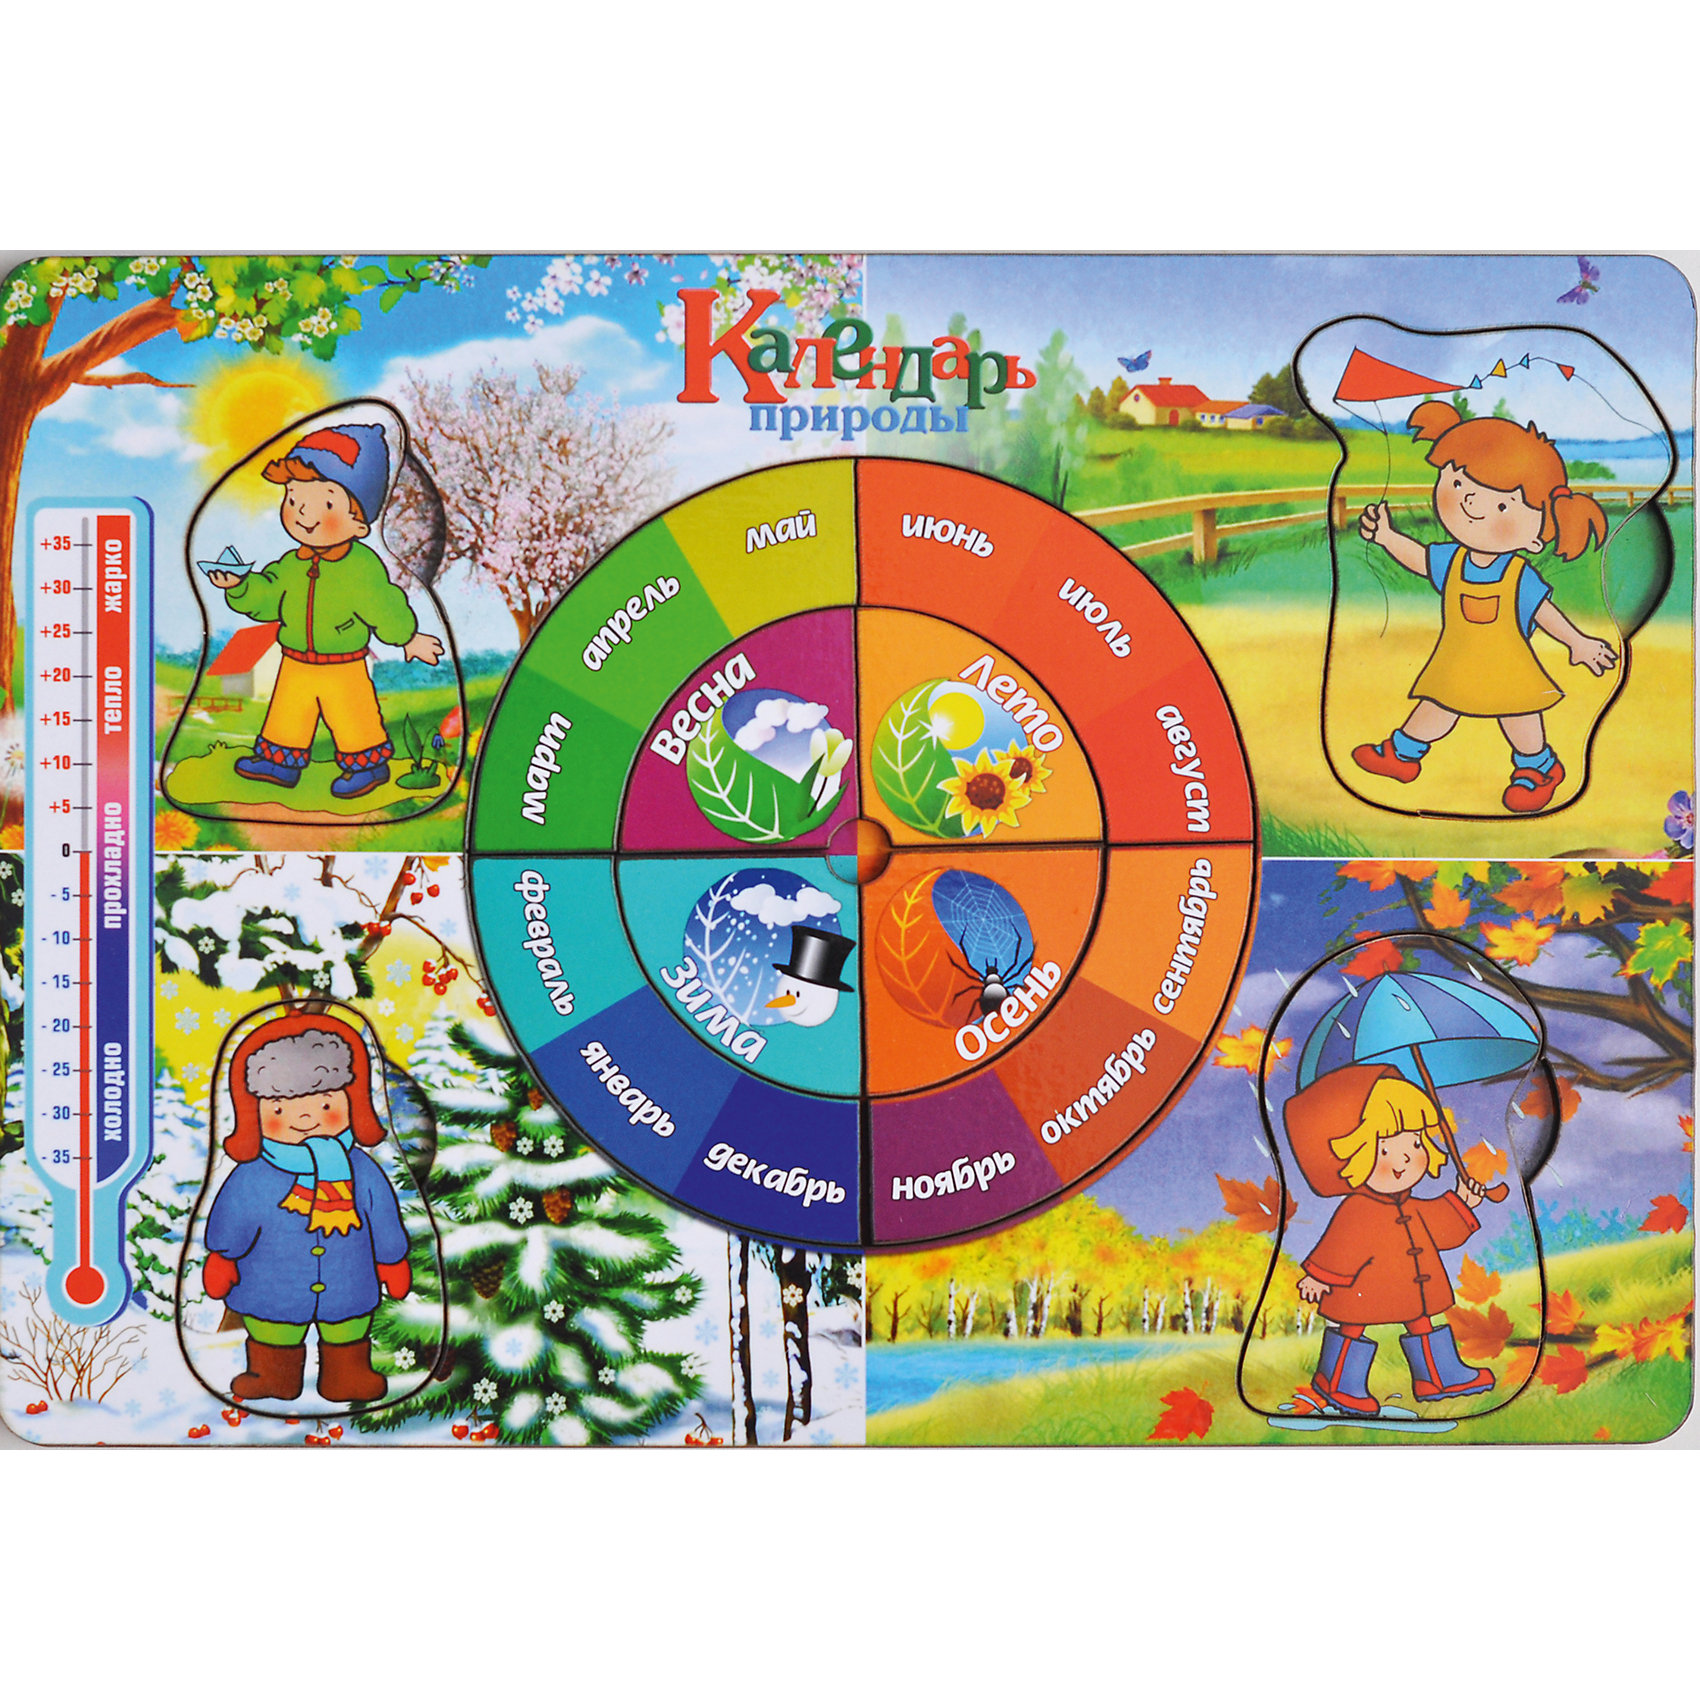 Развивающая рамка-вкладыш  «Календарь природы», Мастер игрушекКалендарь природы - яркая рамка-вкладыш, с помощью которого ребенок познакомится с временами года и месяцами, рассмотрит обучающие картинки, вытащив из ячеек и найдет им свой домик, вставив их обратно. Яркая картинка понравится малышу, а игра поможет развить мелкую моторику, координацию и обогатить словарный запас.<br><br>Дополнительная информация:<br>В комплекте: 12 вкладышей, рамка<br>Материал: дерево<br>Размер: 19,5х0,7х28 см<br>Вес: 260 грамм<br>Вы можете купить рамку-вкладыш Календарь природы в нашем интернет-магазине.<br><br>Ширина мм: 280<br>Глубина мм: 7<br>Высота мм: 195<br>Вес г: 260<br>Возраст от месяцев: 36<br>Возраст до месяцев: 120<br>Пол: Унисекс<br>Возраст: Детский<br>SKU: 4953655